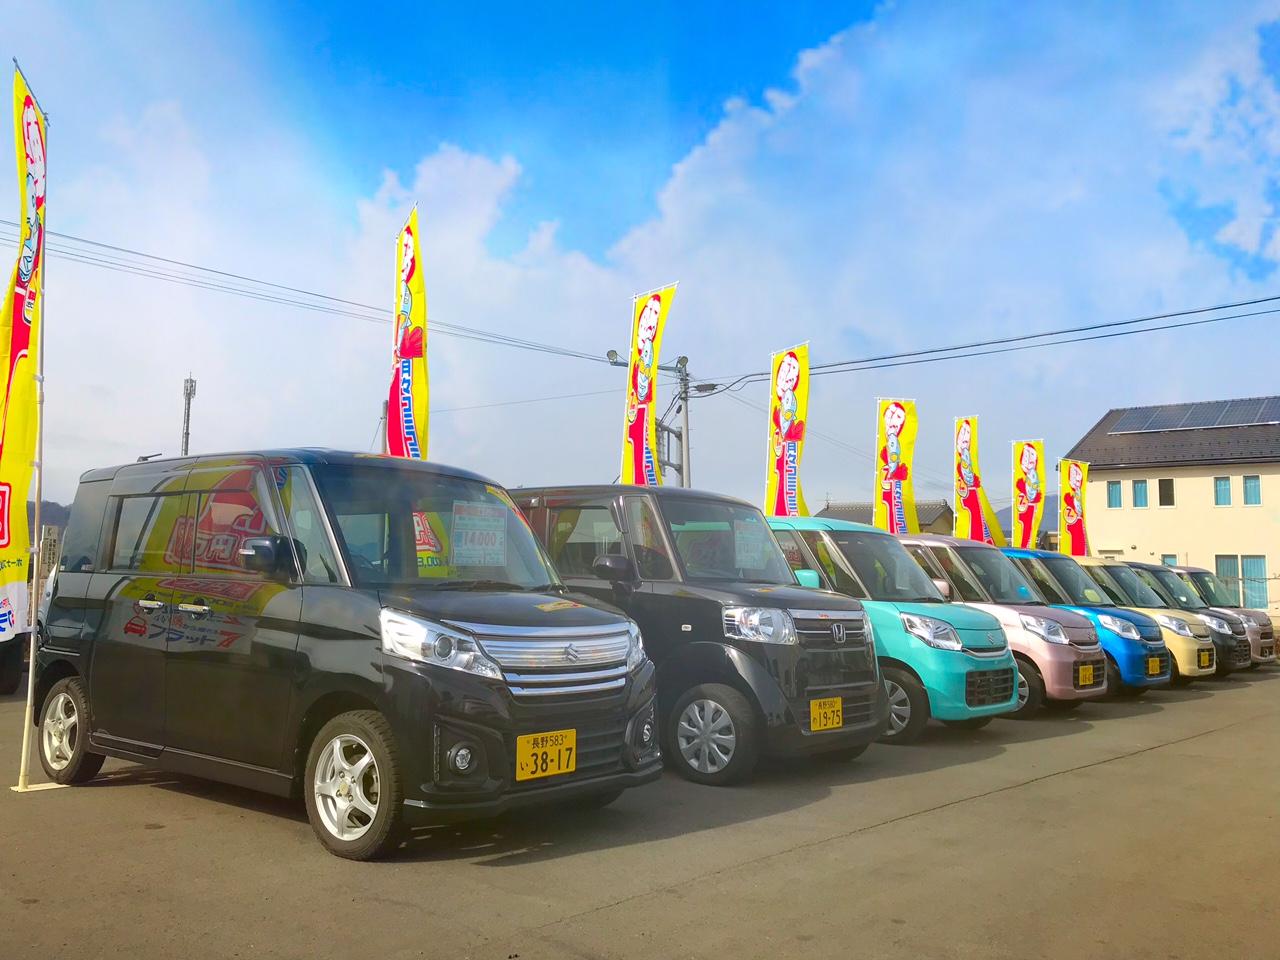 展示場内には新車の軽自動車がズドンと80台!新車のエコノリフラット7で月々11,000円から乗れちゃいます♪